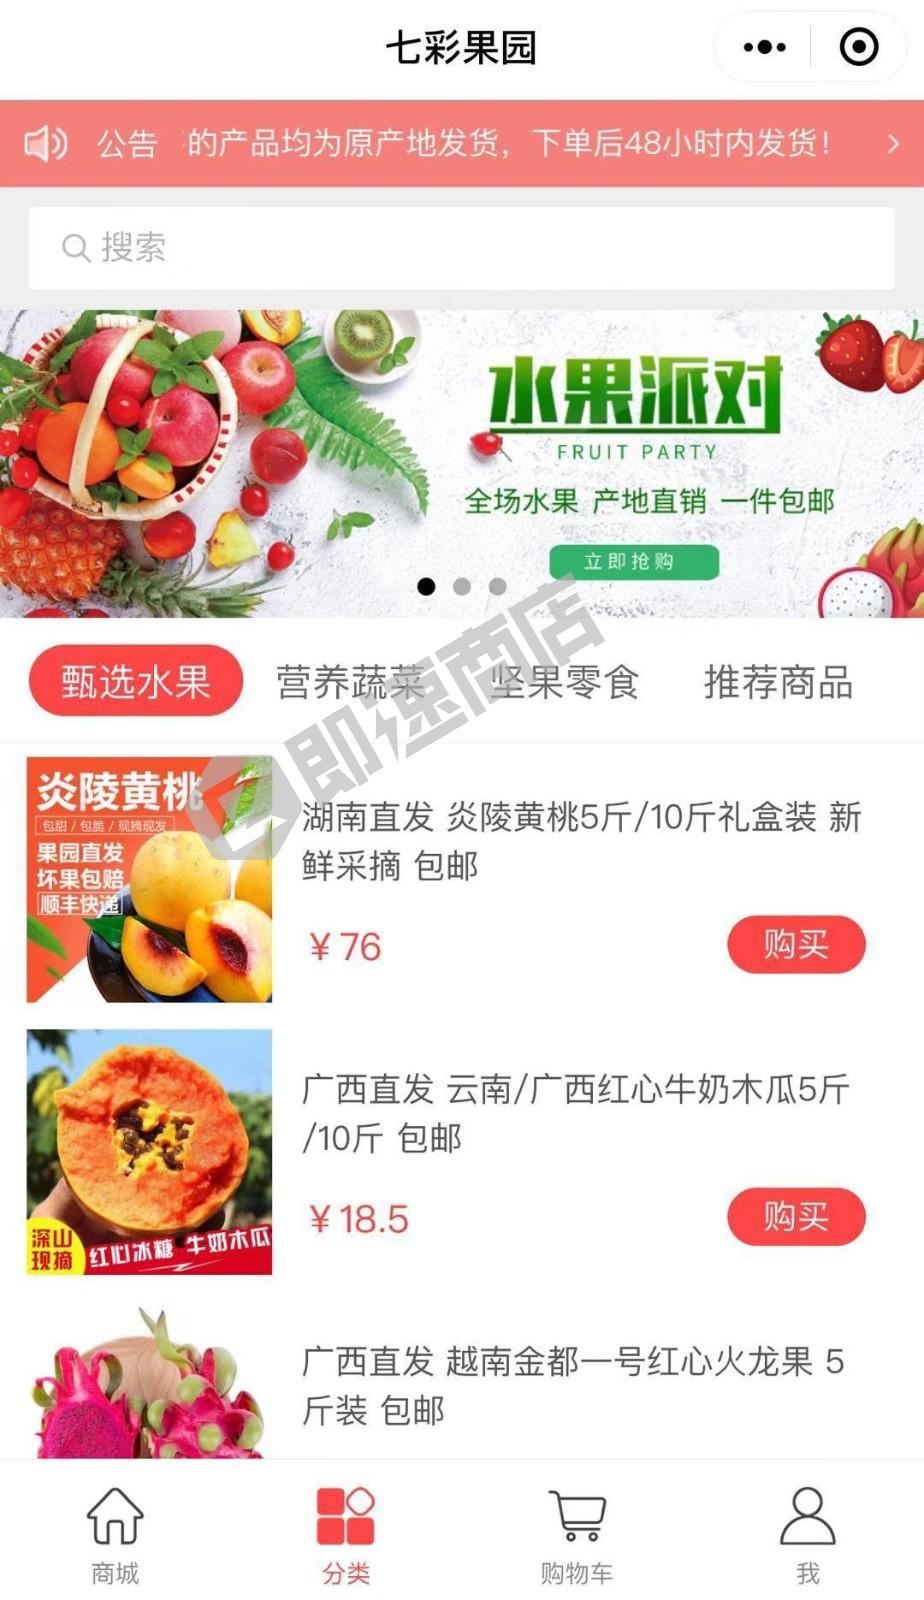 七彩果园小程序列表页截图